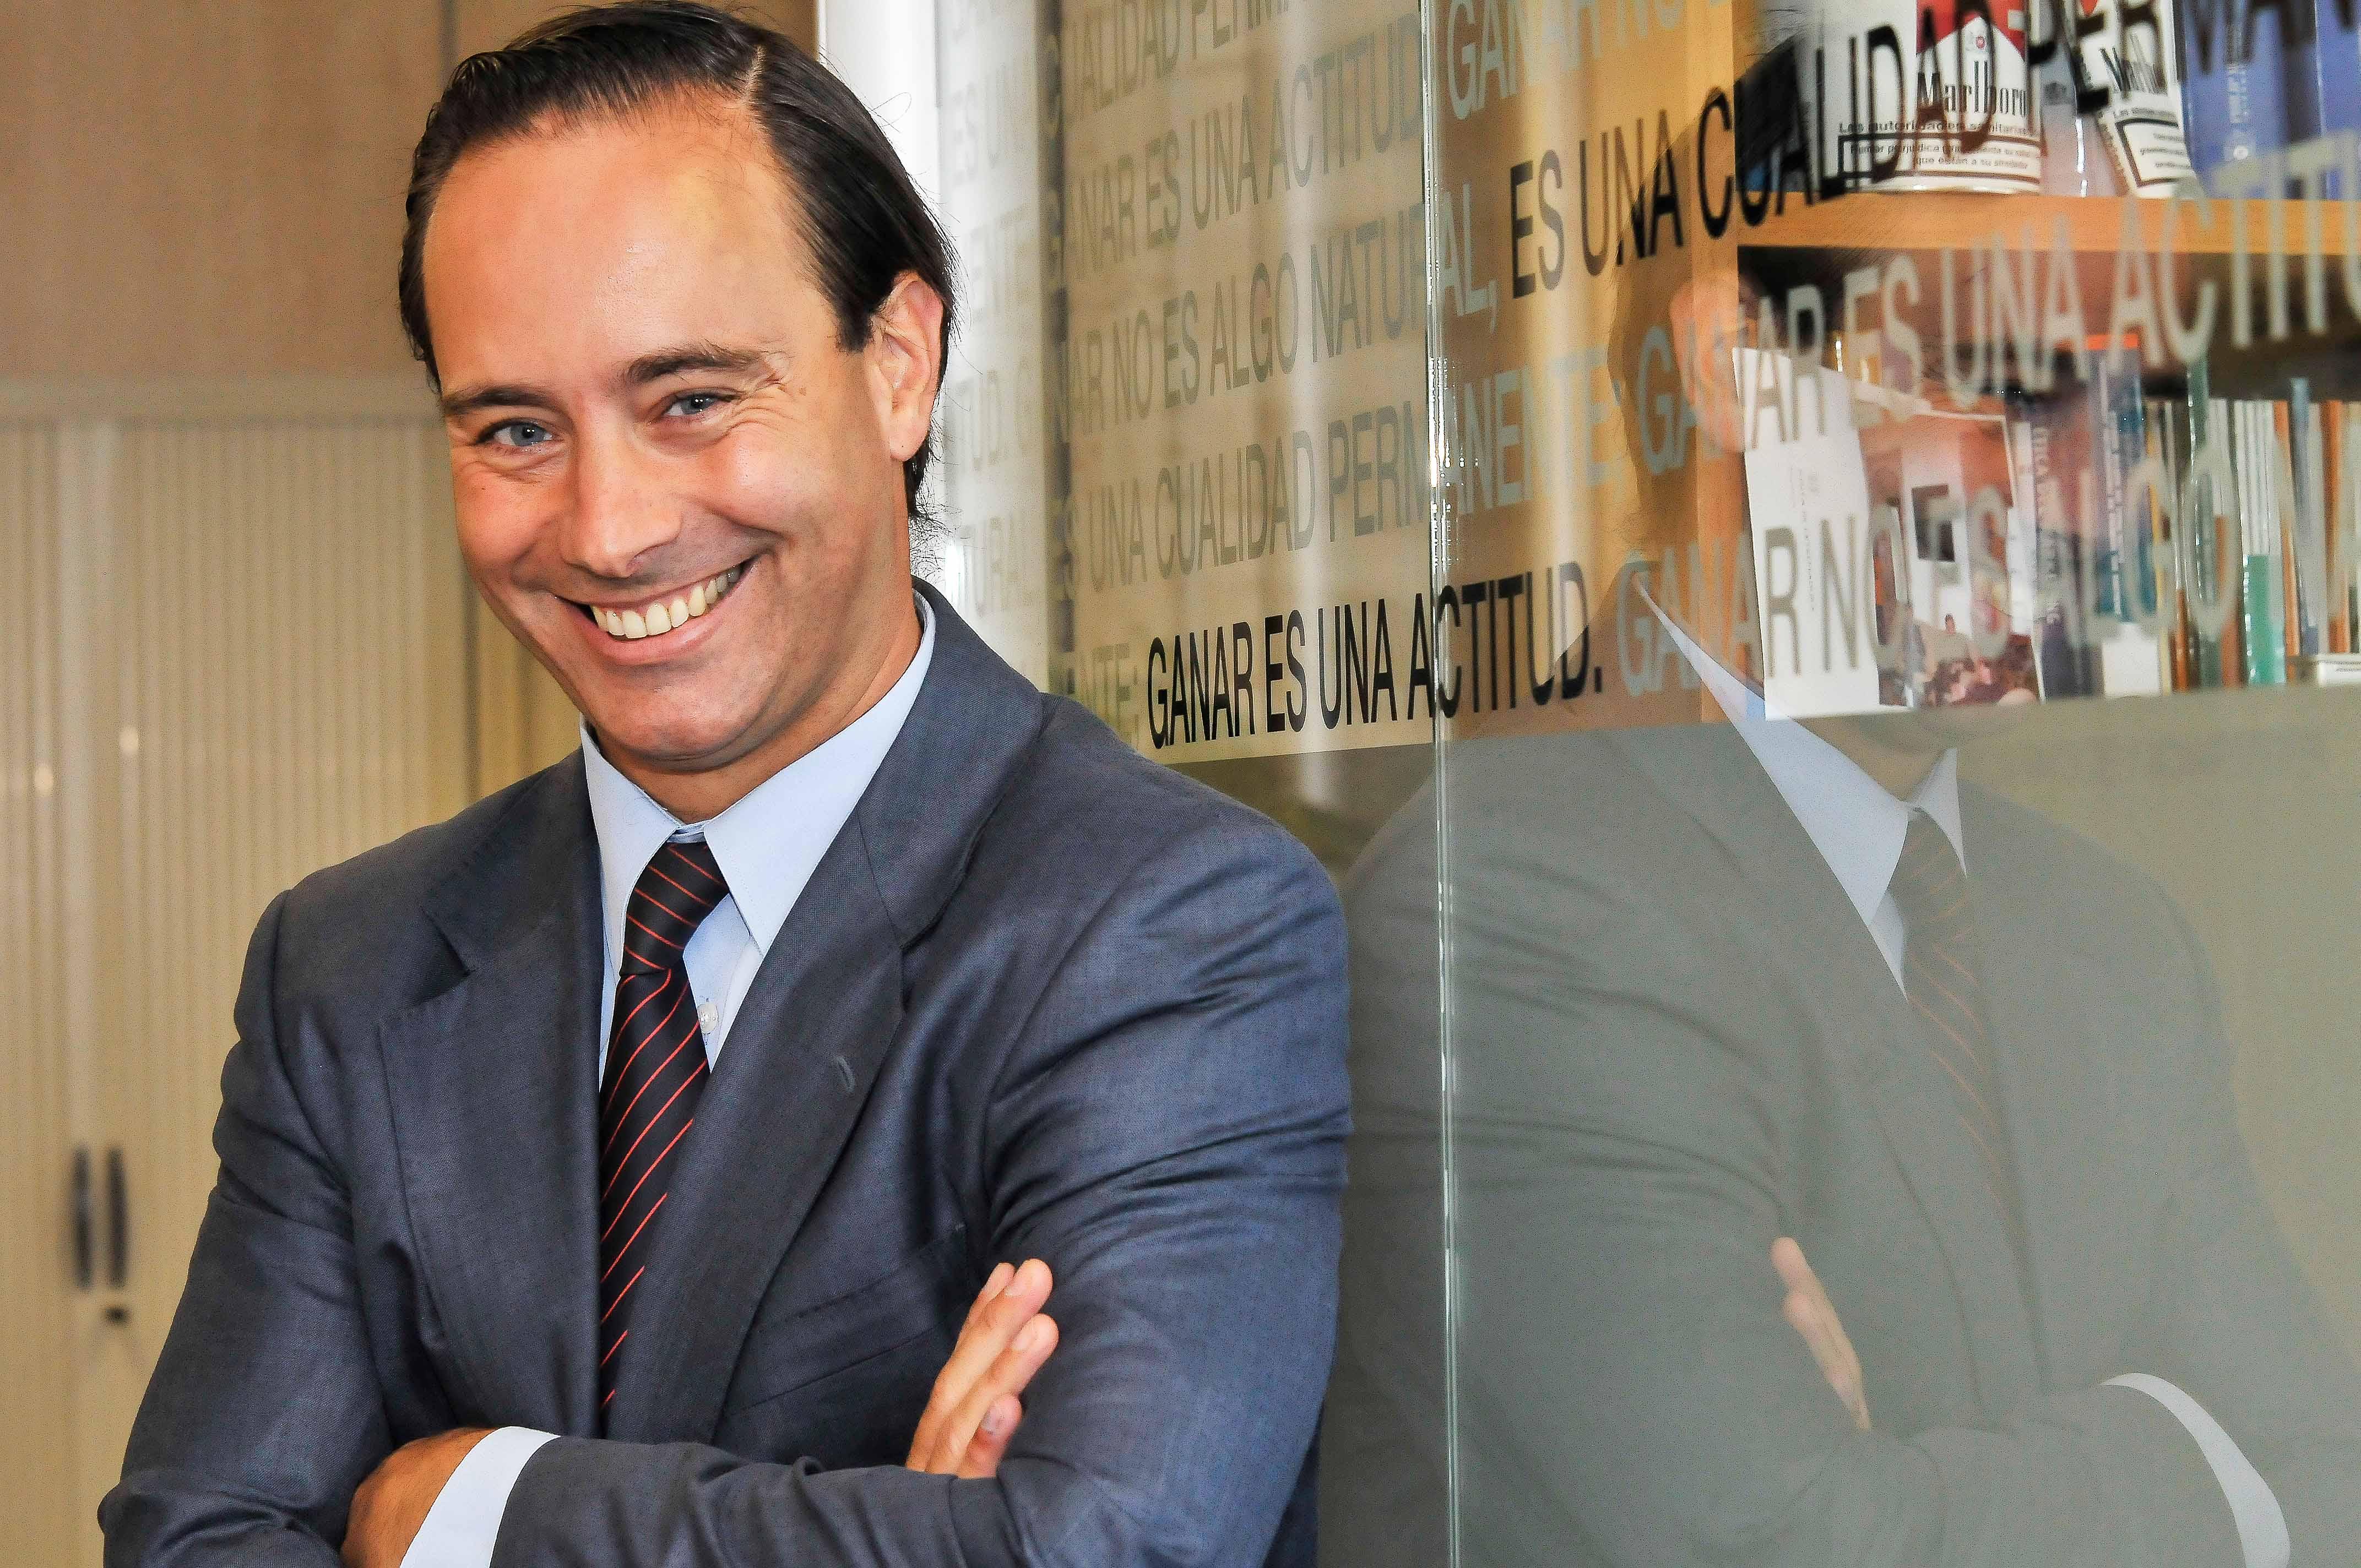 Fotografía Javier Figaredo director de asuntos corporativos de  Philip Morris © Jorge Zorrilla Fotóg